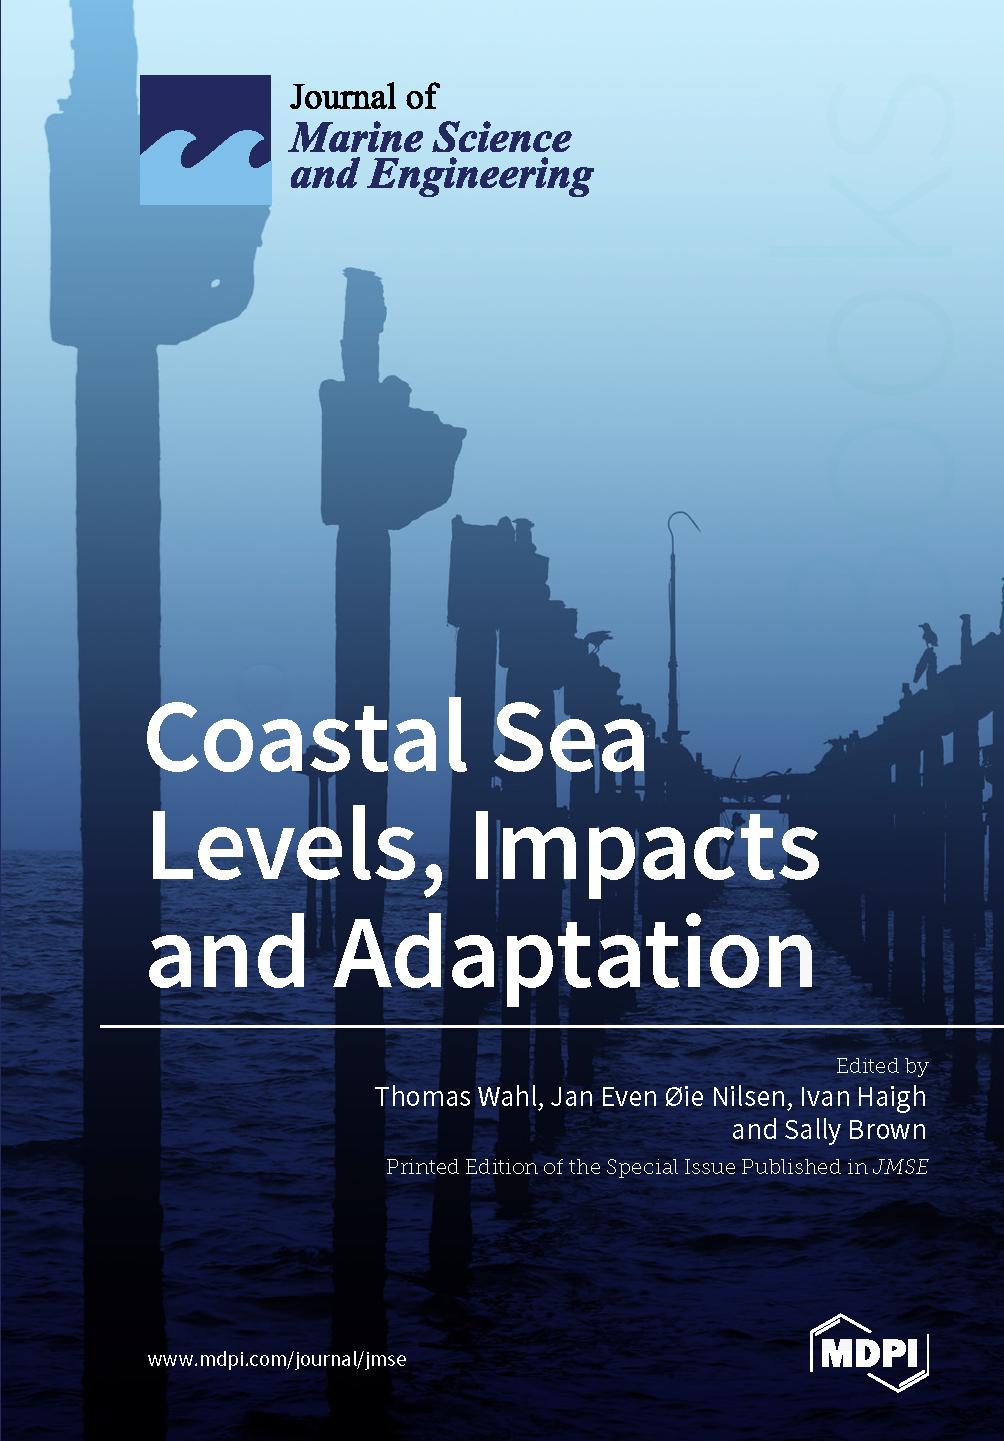 Coastal Sea Levels, Impacts and Adaptation